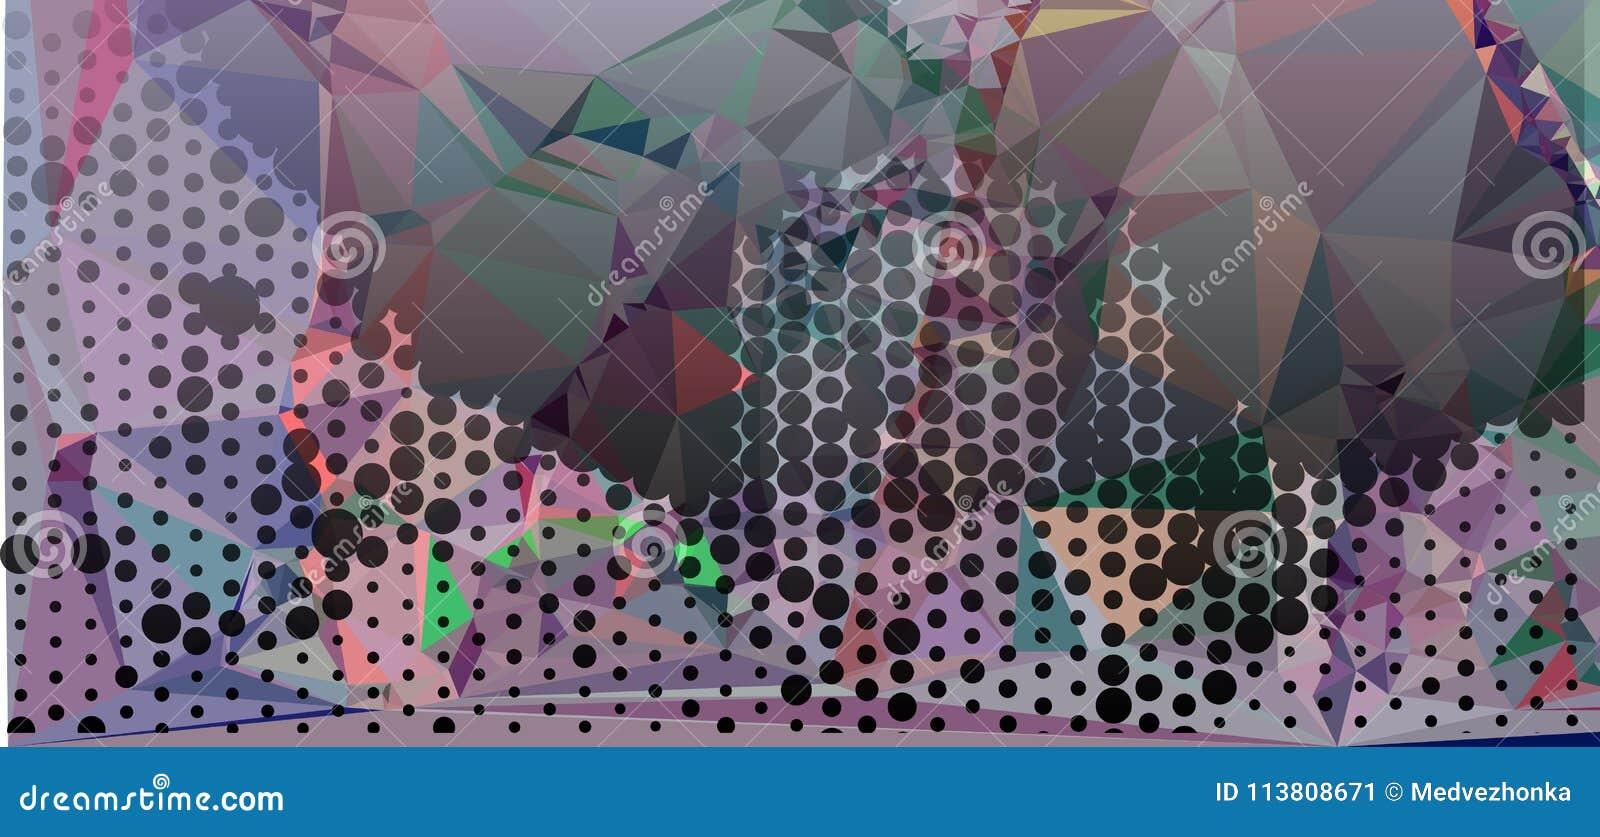 Abstrakter Hintergrund für Fahnen, Beschaffenheit, Flieger, Plan, Postkarte